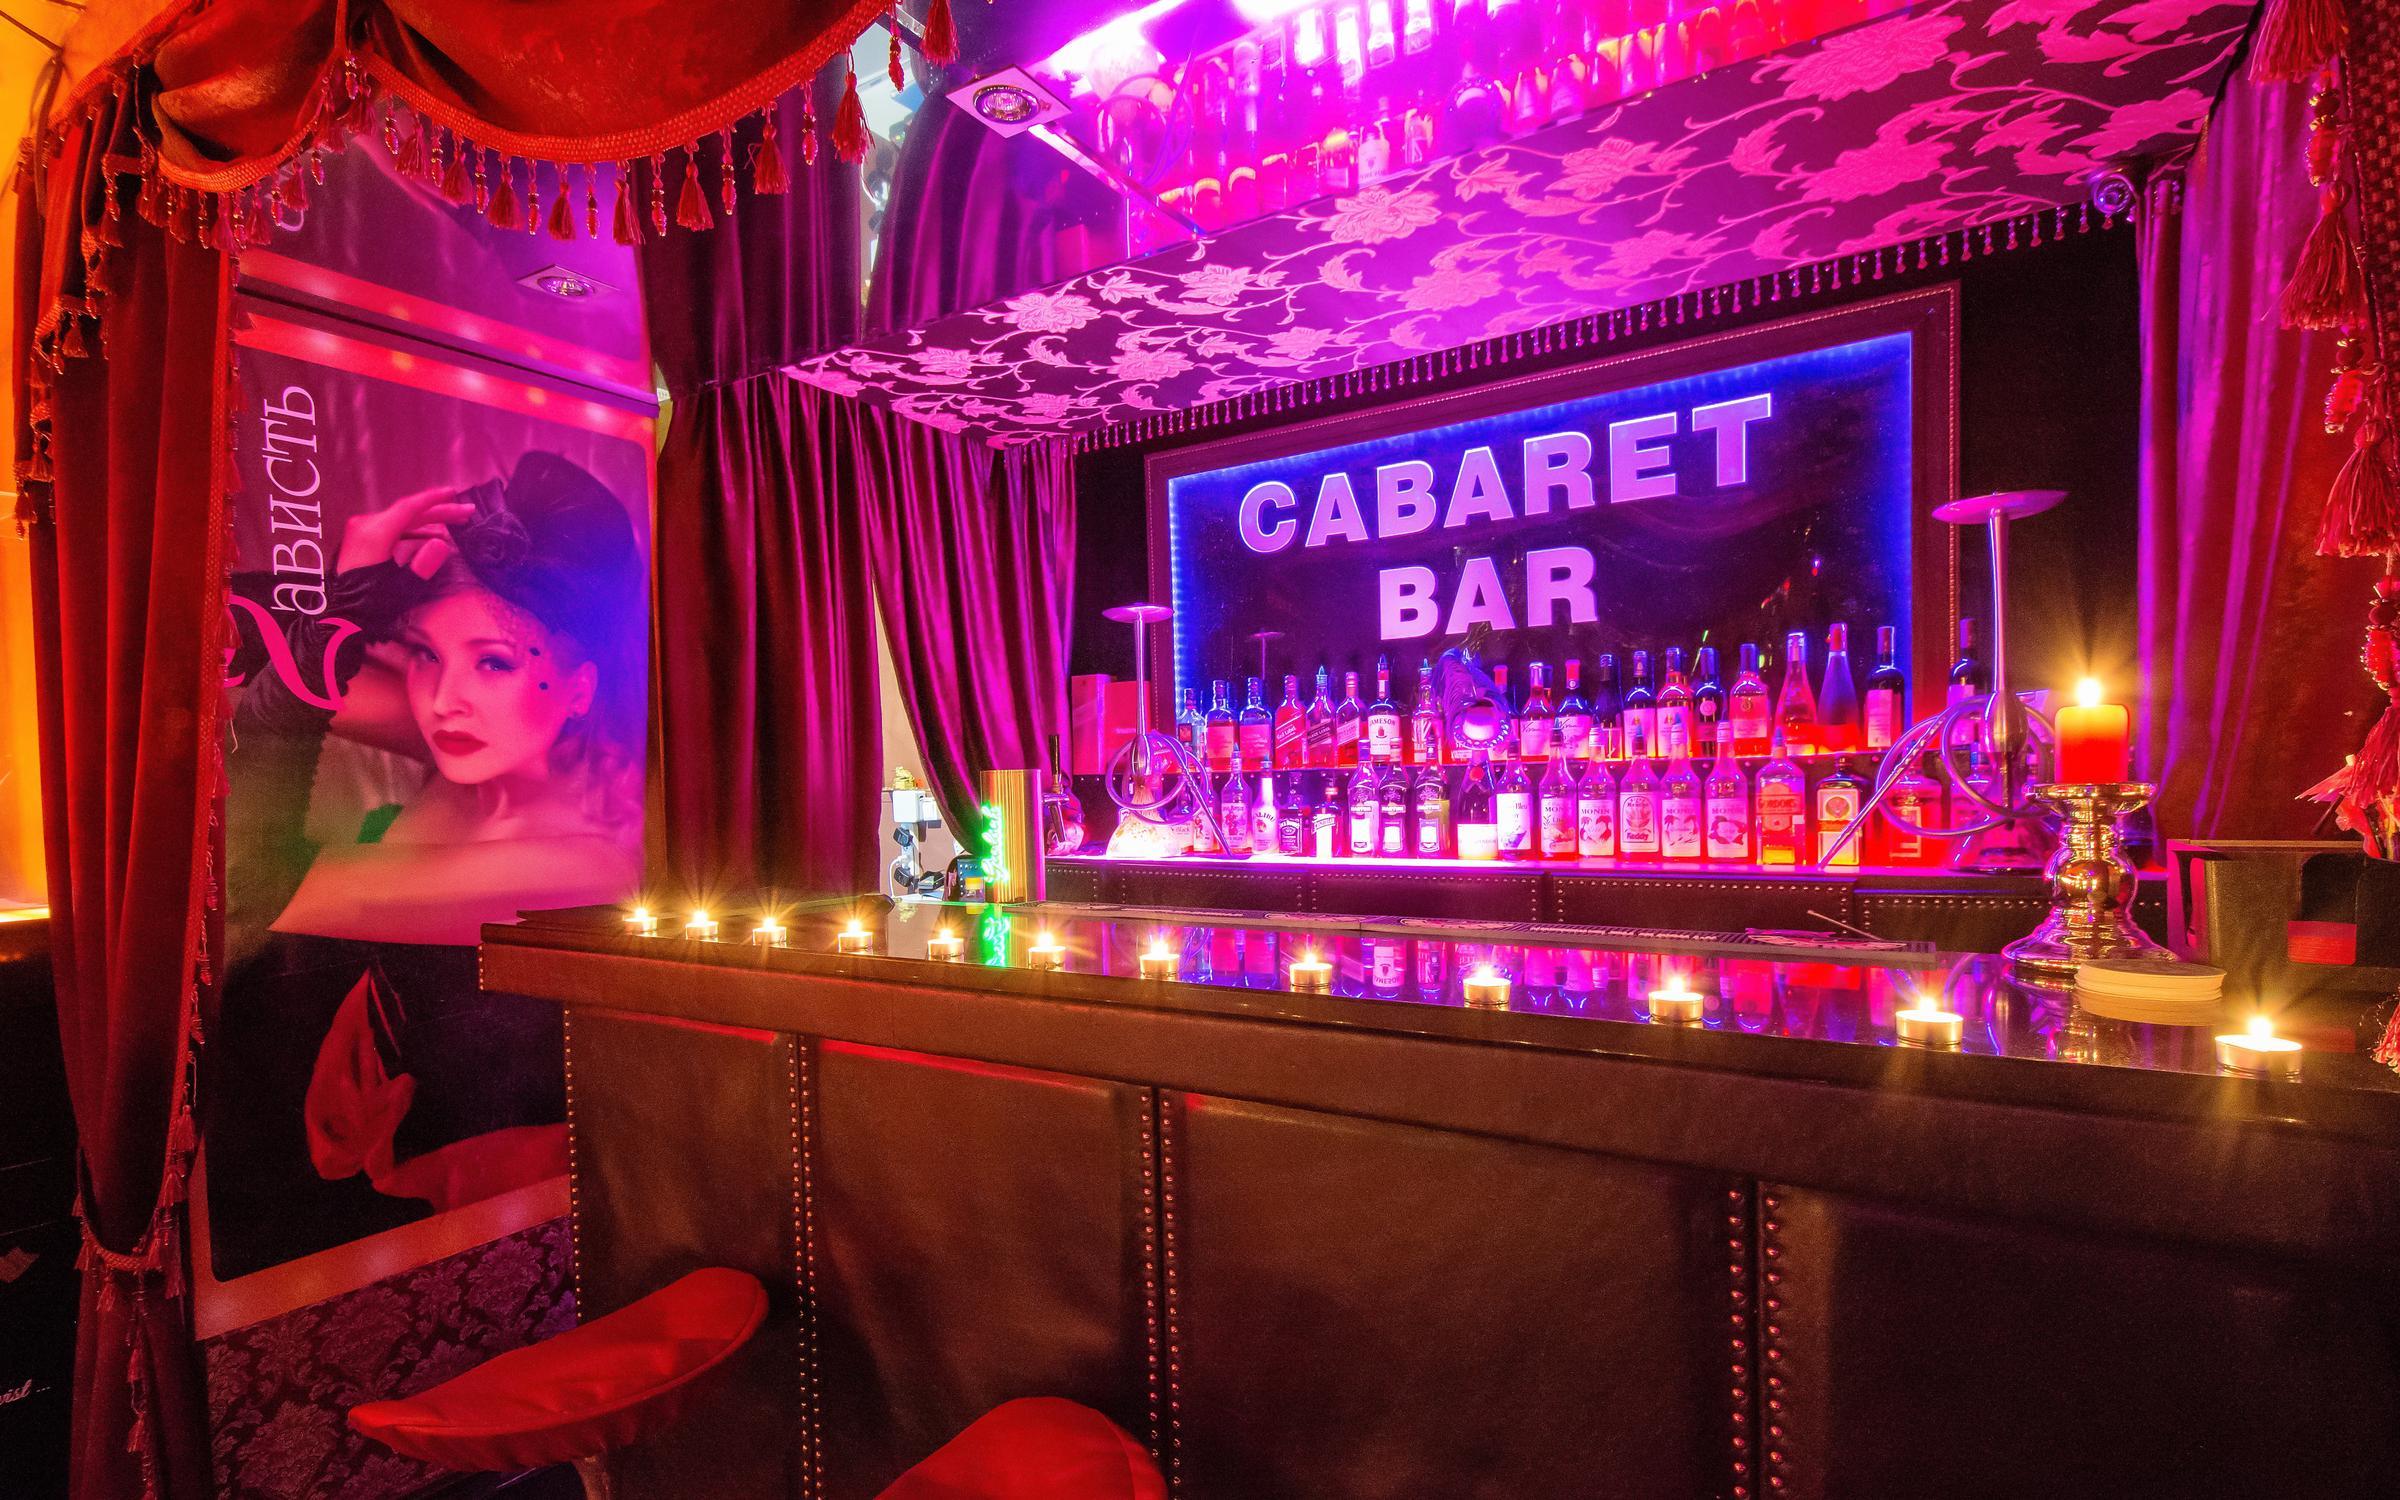 фотография Стриптиз клуб Зависть CABARET BAR в Центральном районе